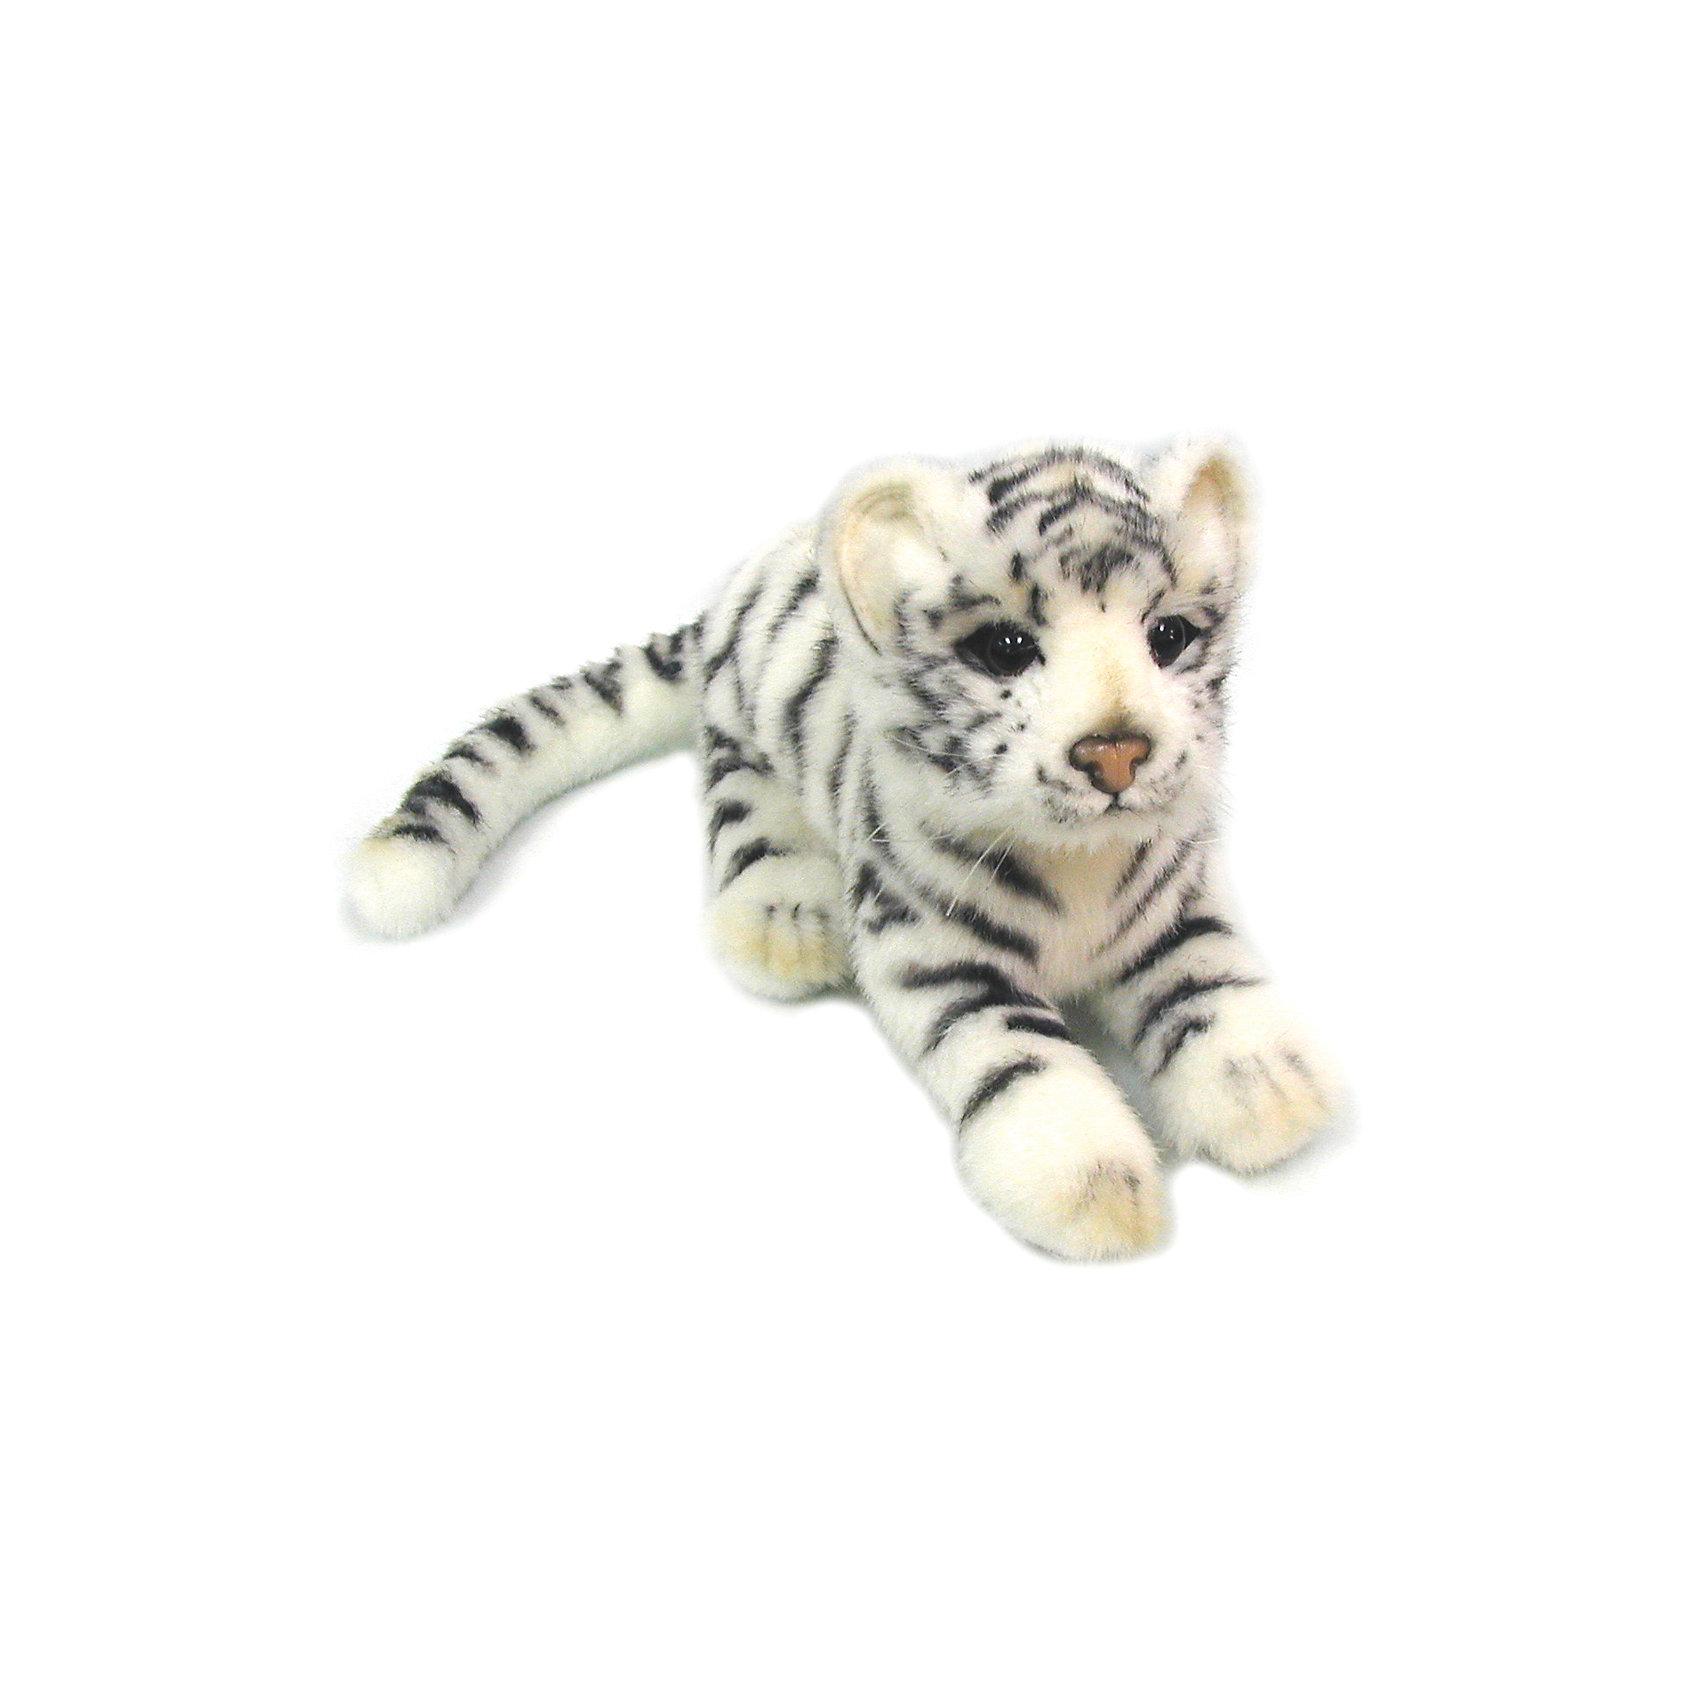 Детеныш белого тигра,  26 смМягкие игрушки животные<br>Детеныш белого тигра,  26 см – игрушка от знаменитого бренда Hansa, специализирующегося на выпуске мягких игрушек с высокой степенью натуралистичности. Внешний вид игрушечного тигренка полностью соответствует реальному прототипу – детенышу бенгальского тигра. Он выполнен из искусственного меха белого цвета с ворсом средней длины и черными полосками. Использованные материалы обладают гипоаллергенными свойствами. Внутри игрушки имеется металлический каркас, позволяющий изменять положение. <br>Игрушка относится к серии Дикие животные. <br>Мягкие игрушки от Hansa подходят для сюжетно-ролевых игр, для обучающих игр, направленных на знакомство с животным миром дикой природы. Кроме того, их можно использовать в качестве интерьерных игрушек. Коллекция из нескольких игрушек позволяет создать свой домашний зоопарк, который будет радовать вашего ребенка долгое время, так как ручная работа и качественные материалы гарантируют их долговечность и прочность.<br><br>Дополнительная информация:<br><br>- Вид игр: сюжетно-ролевые игры, коллекционирование, интерьерные игрушки<br>- Предназначение: для дома, для детских развивающих центров, для детских садов<br>- Материал: искусственный мех, наполнитель ? полиэфирное волокно<br>- Размер (ДхШхВ): 26*16*11 см<br>- Вес: 200 г<br>- Особенности ухода: сухая чистка при помощи пылесоса или щетки для одежды<br><br>Подробнее:<br><br>• Для детей в возрасте: от 3 лет <br>• Страна производитель: Филиппины<br>• Торговый бренд: Hansa<br><br>Детеныш белого тигра,  26 см можно купить в нашем интернет-магазине.<br><br>Ширина мм: 26<br>Глубина мм: 16<br>Высота мм: 11<br>Вес г: 200<br>Возраст от месяцев: 36<br>Возраст до месяцев: 2147483647<br>Пол: Унисекс<br>Возраст: Детский<br>SKU: 4927177